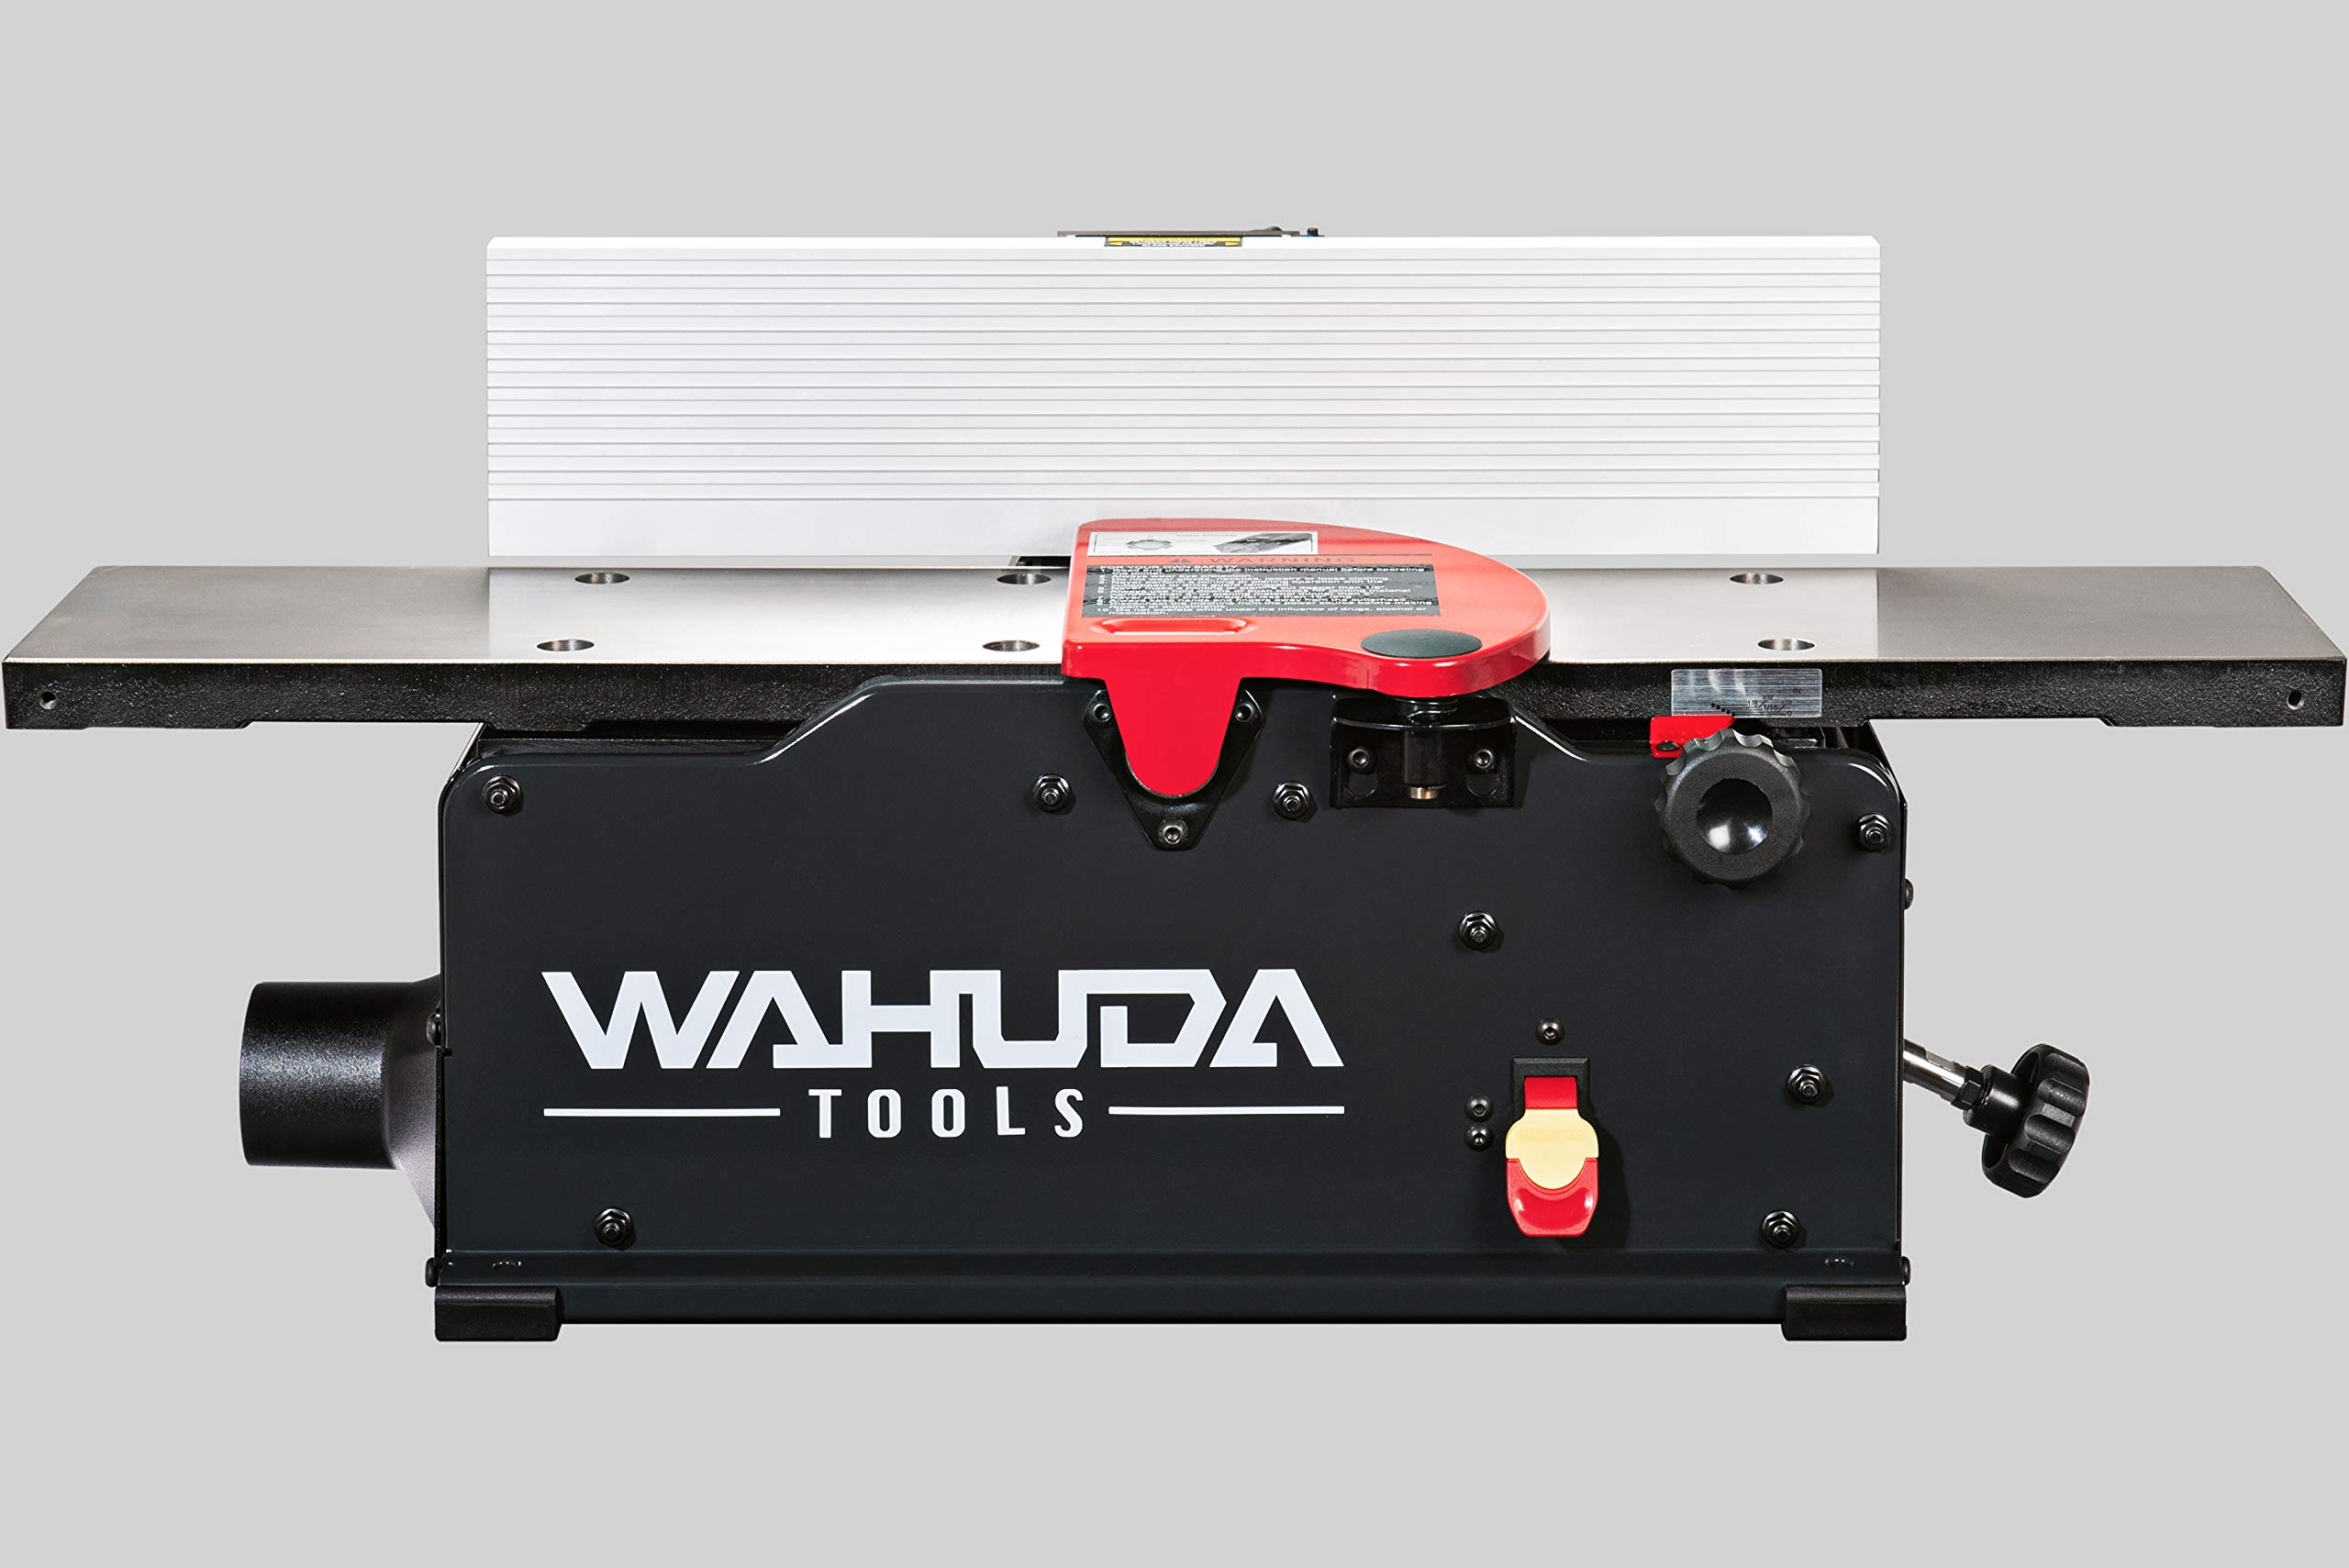 Wahuda Tools 50160CC-WHD (6 pulgadas) Ensambladora con cabezal de corte en espiral de sobremesa con mesa de hierro fundido y puntas de carburo de 4 lados instaladas